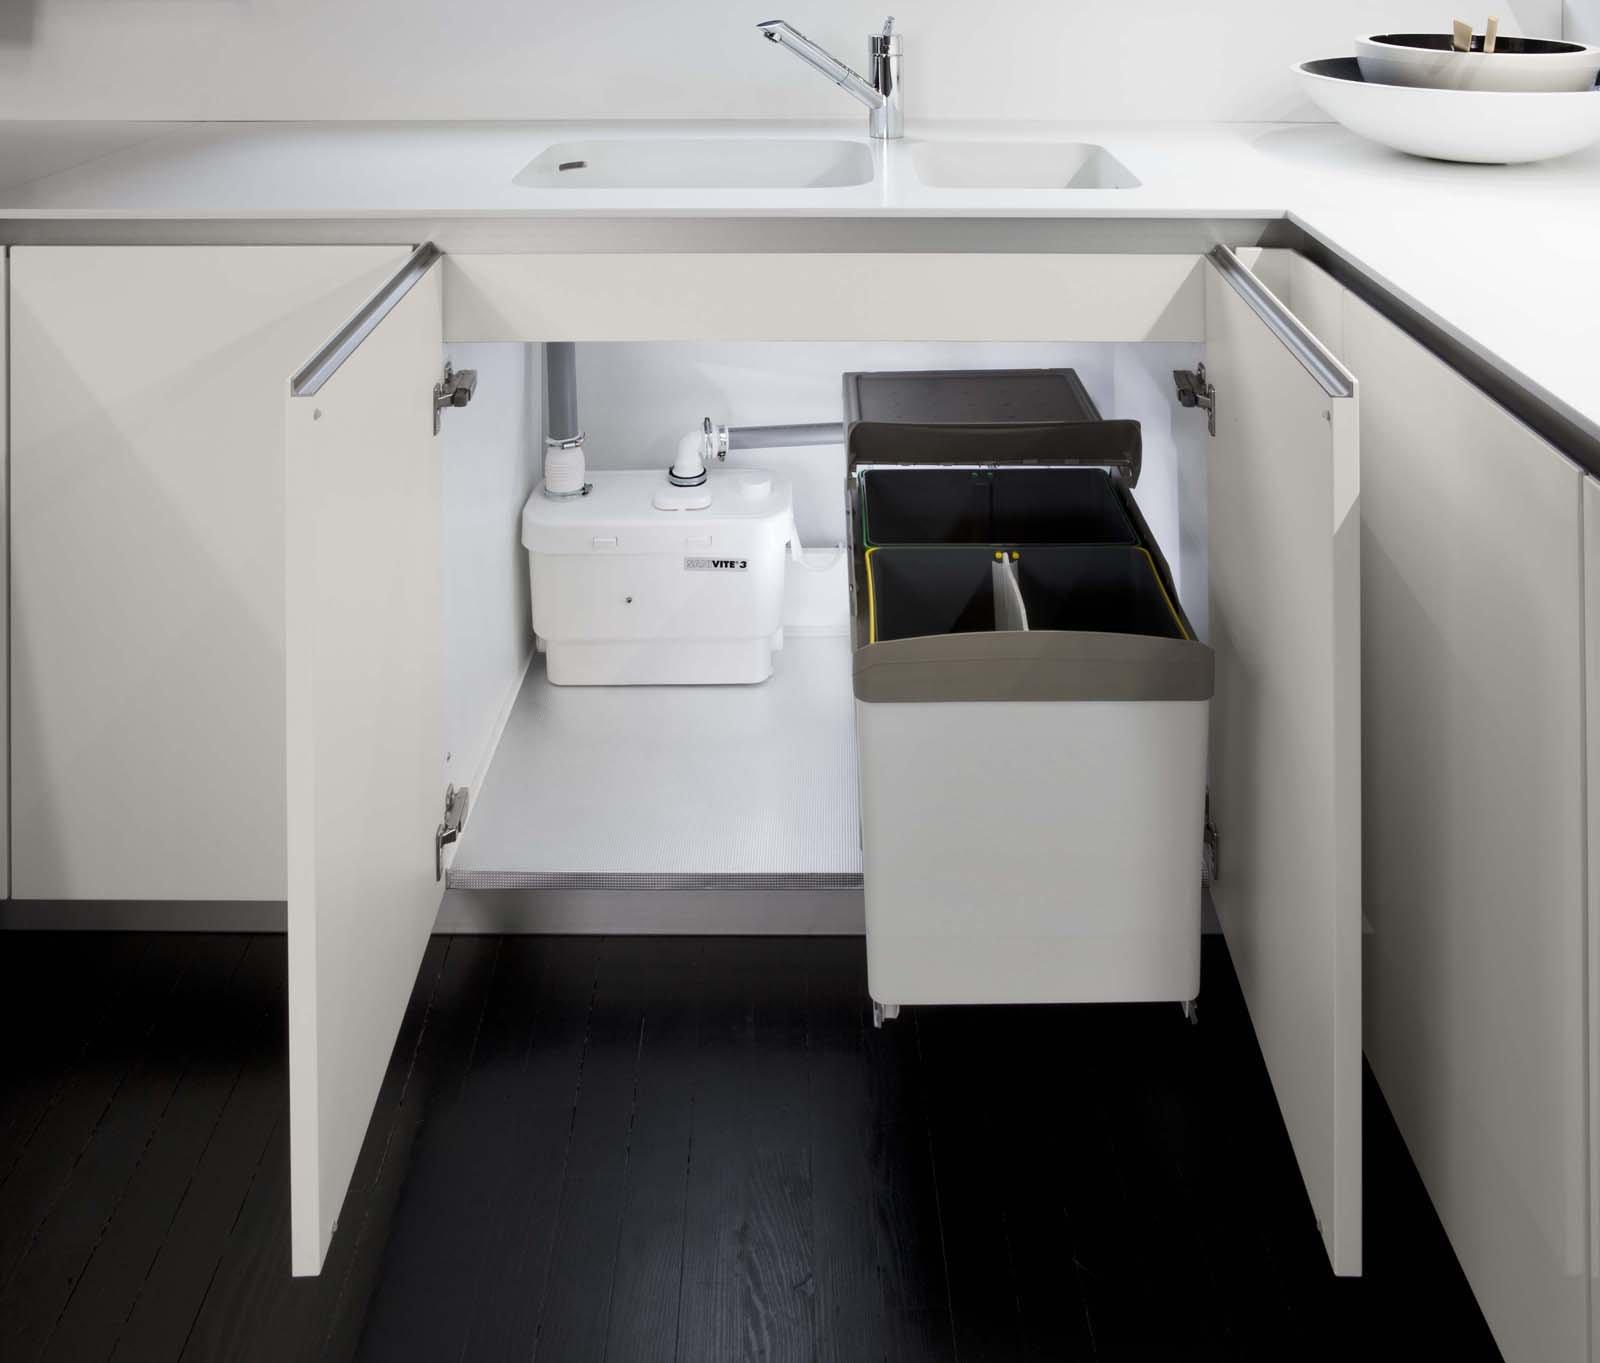 Cucine Come Spostare Il Lavello Senza Lavori Cose Di Casa